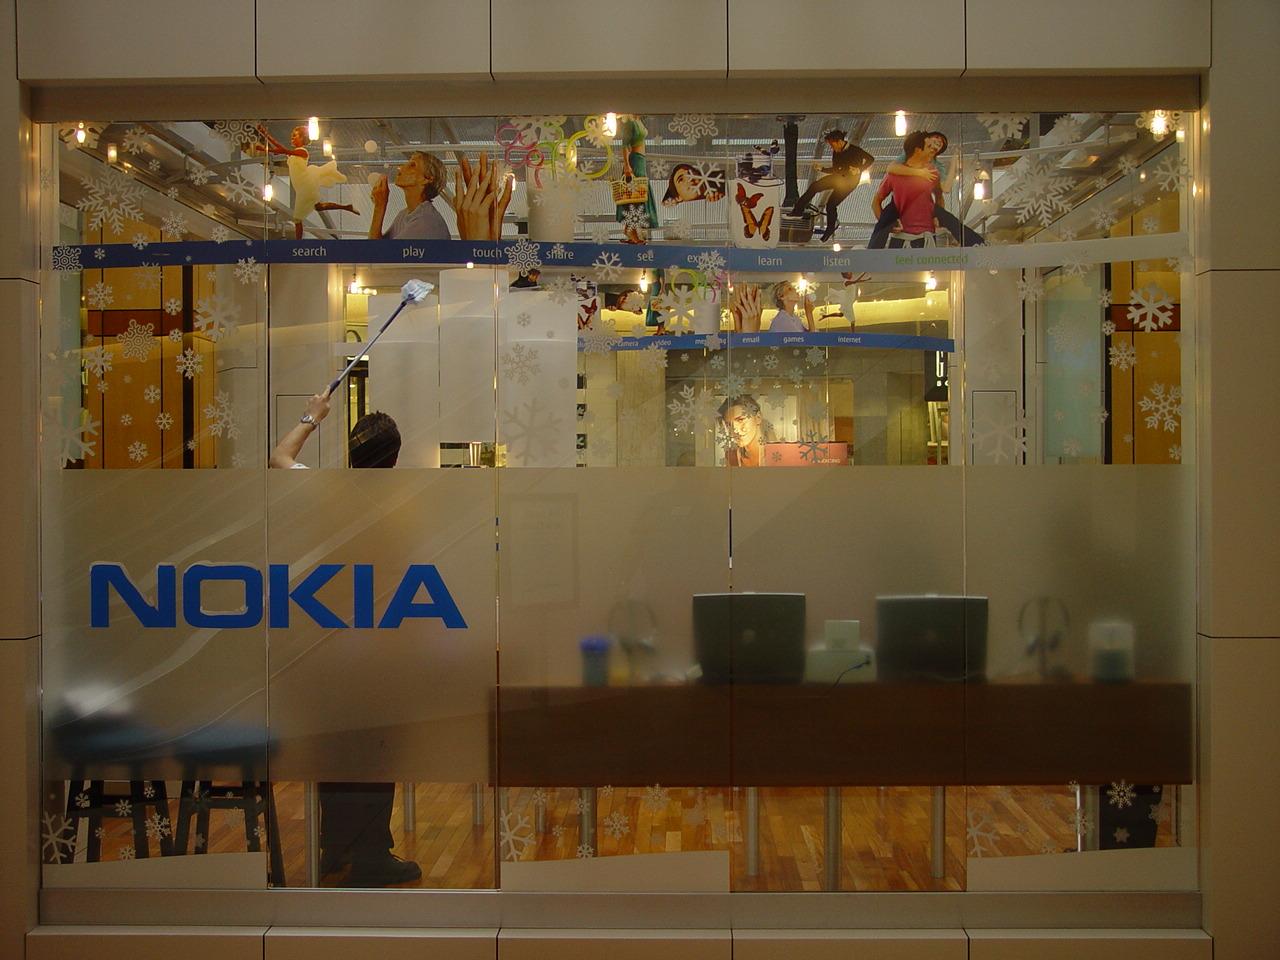 Nokia Kiosk 11-01-05 002.jpg